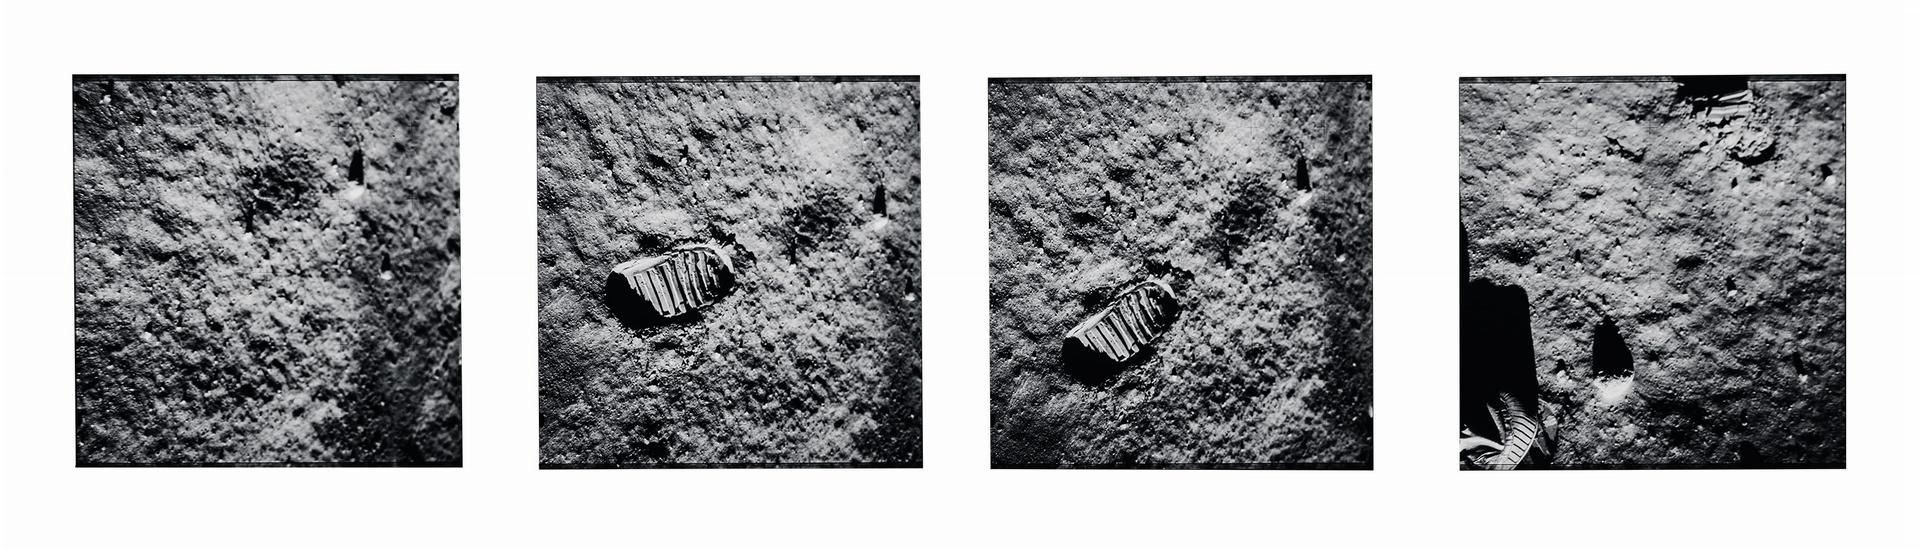 巴茲.艾德林拍下自己腳印的照片,見證了阿波羅11號太空人的「一小步」。NASA JOHNSON SPACE CENTER